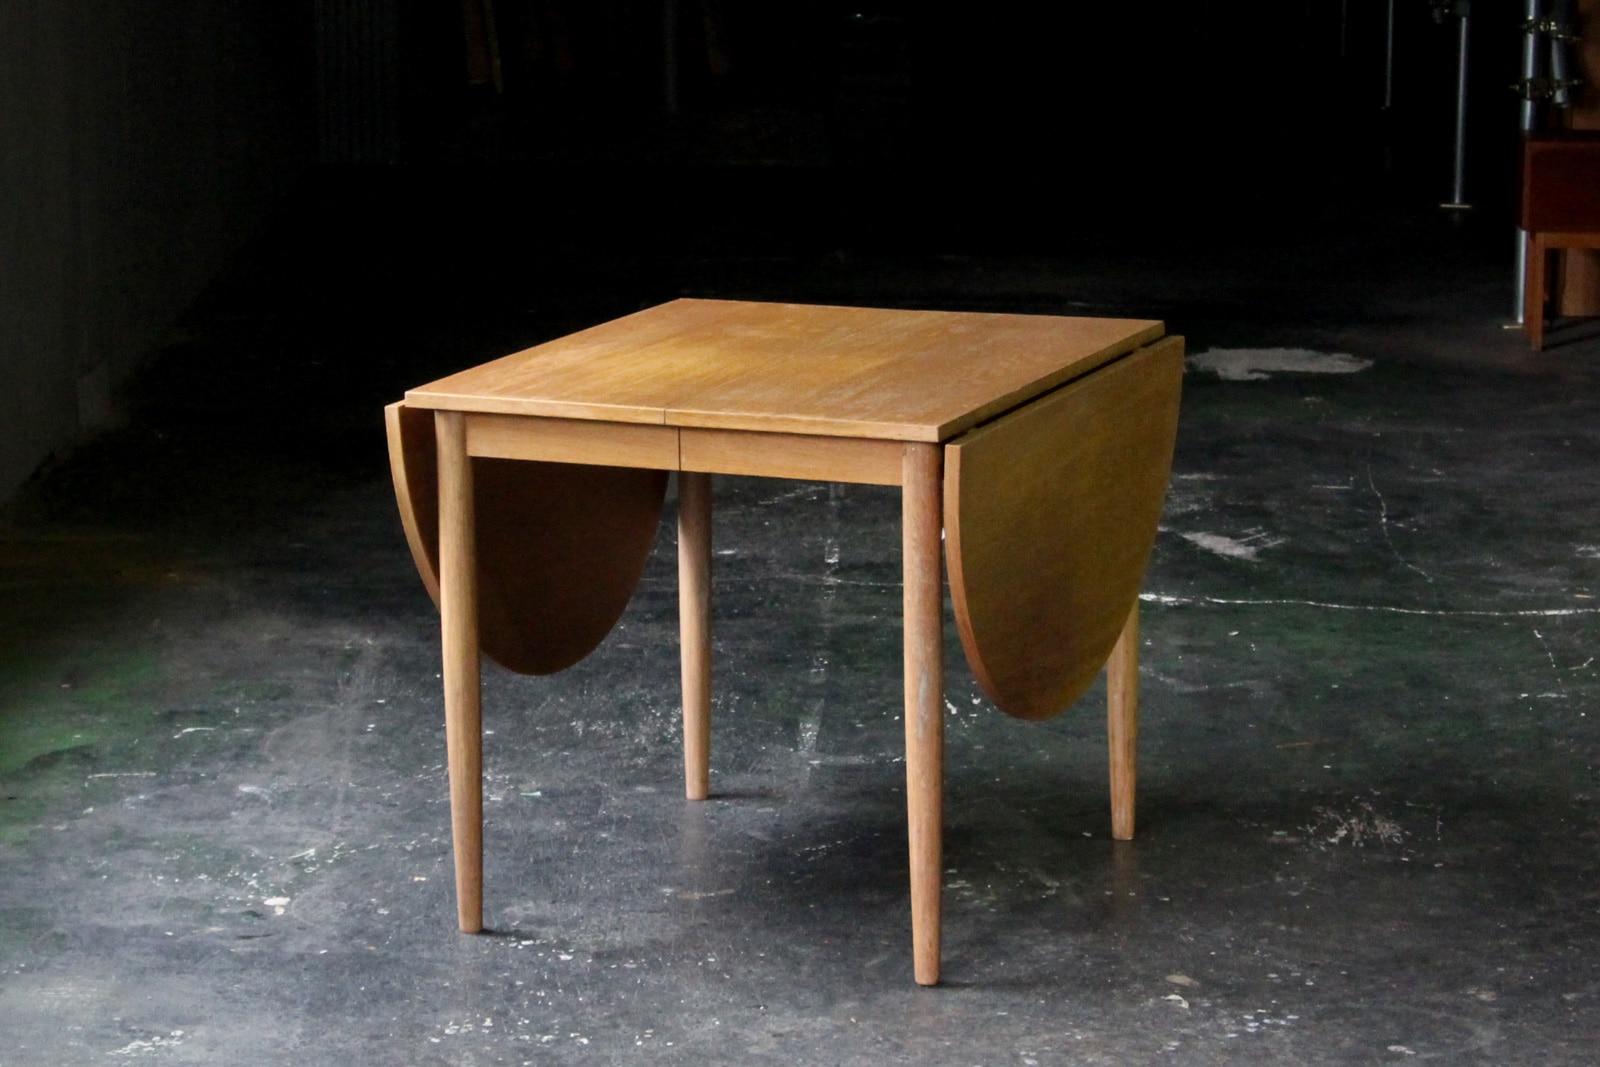 北欧,ヴィンテージ,家具,ダイニングテーブル,バタフライ,オーク材